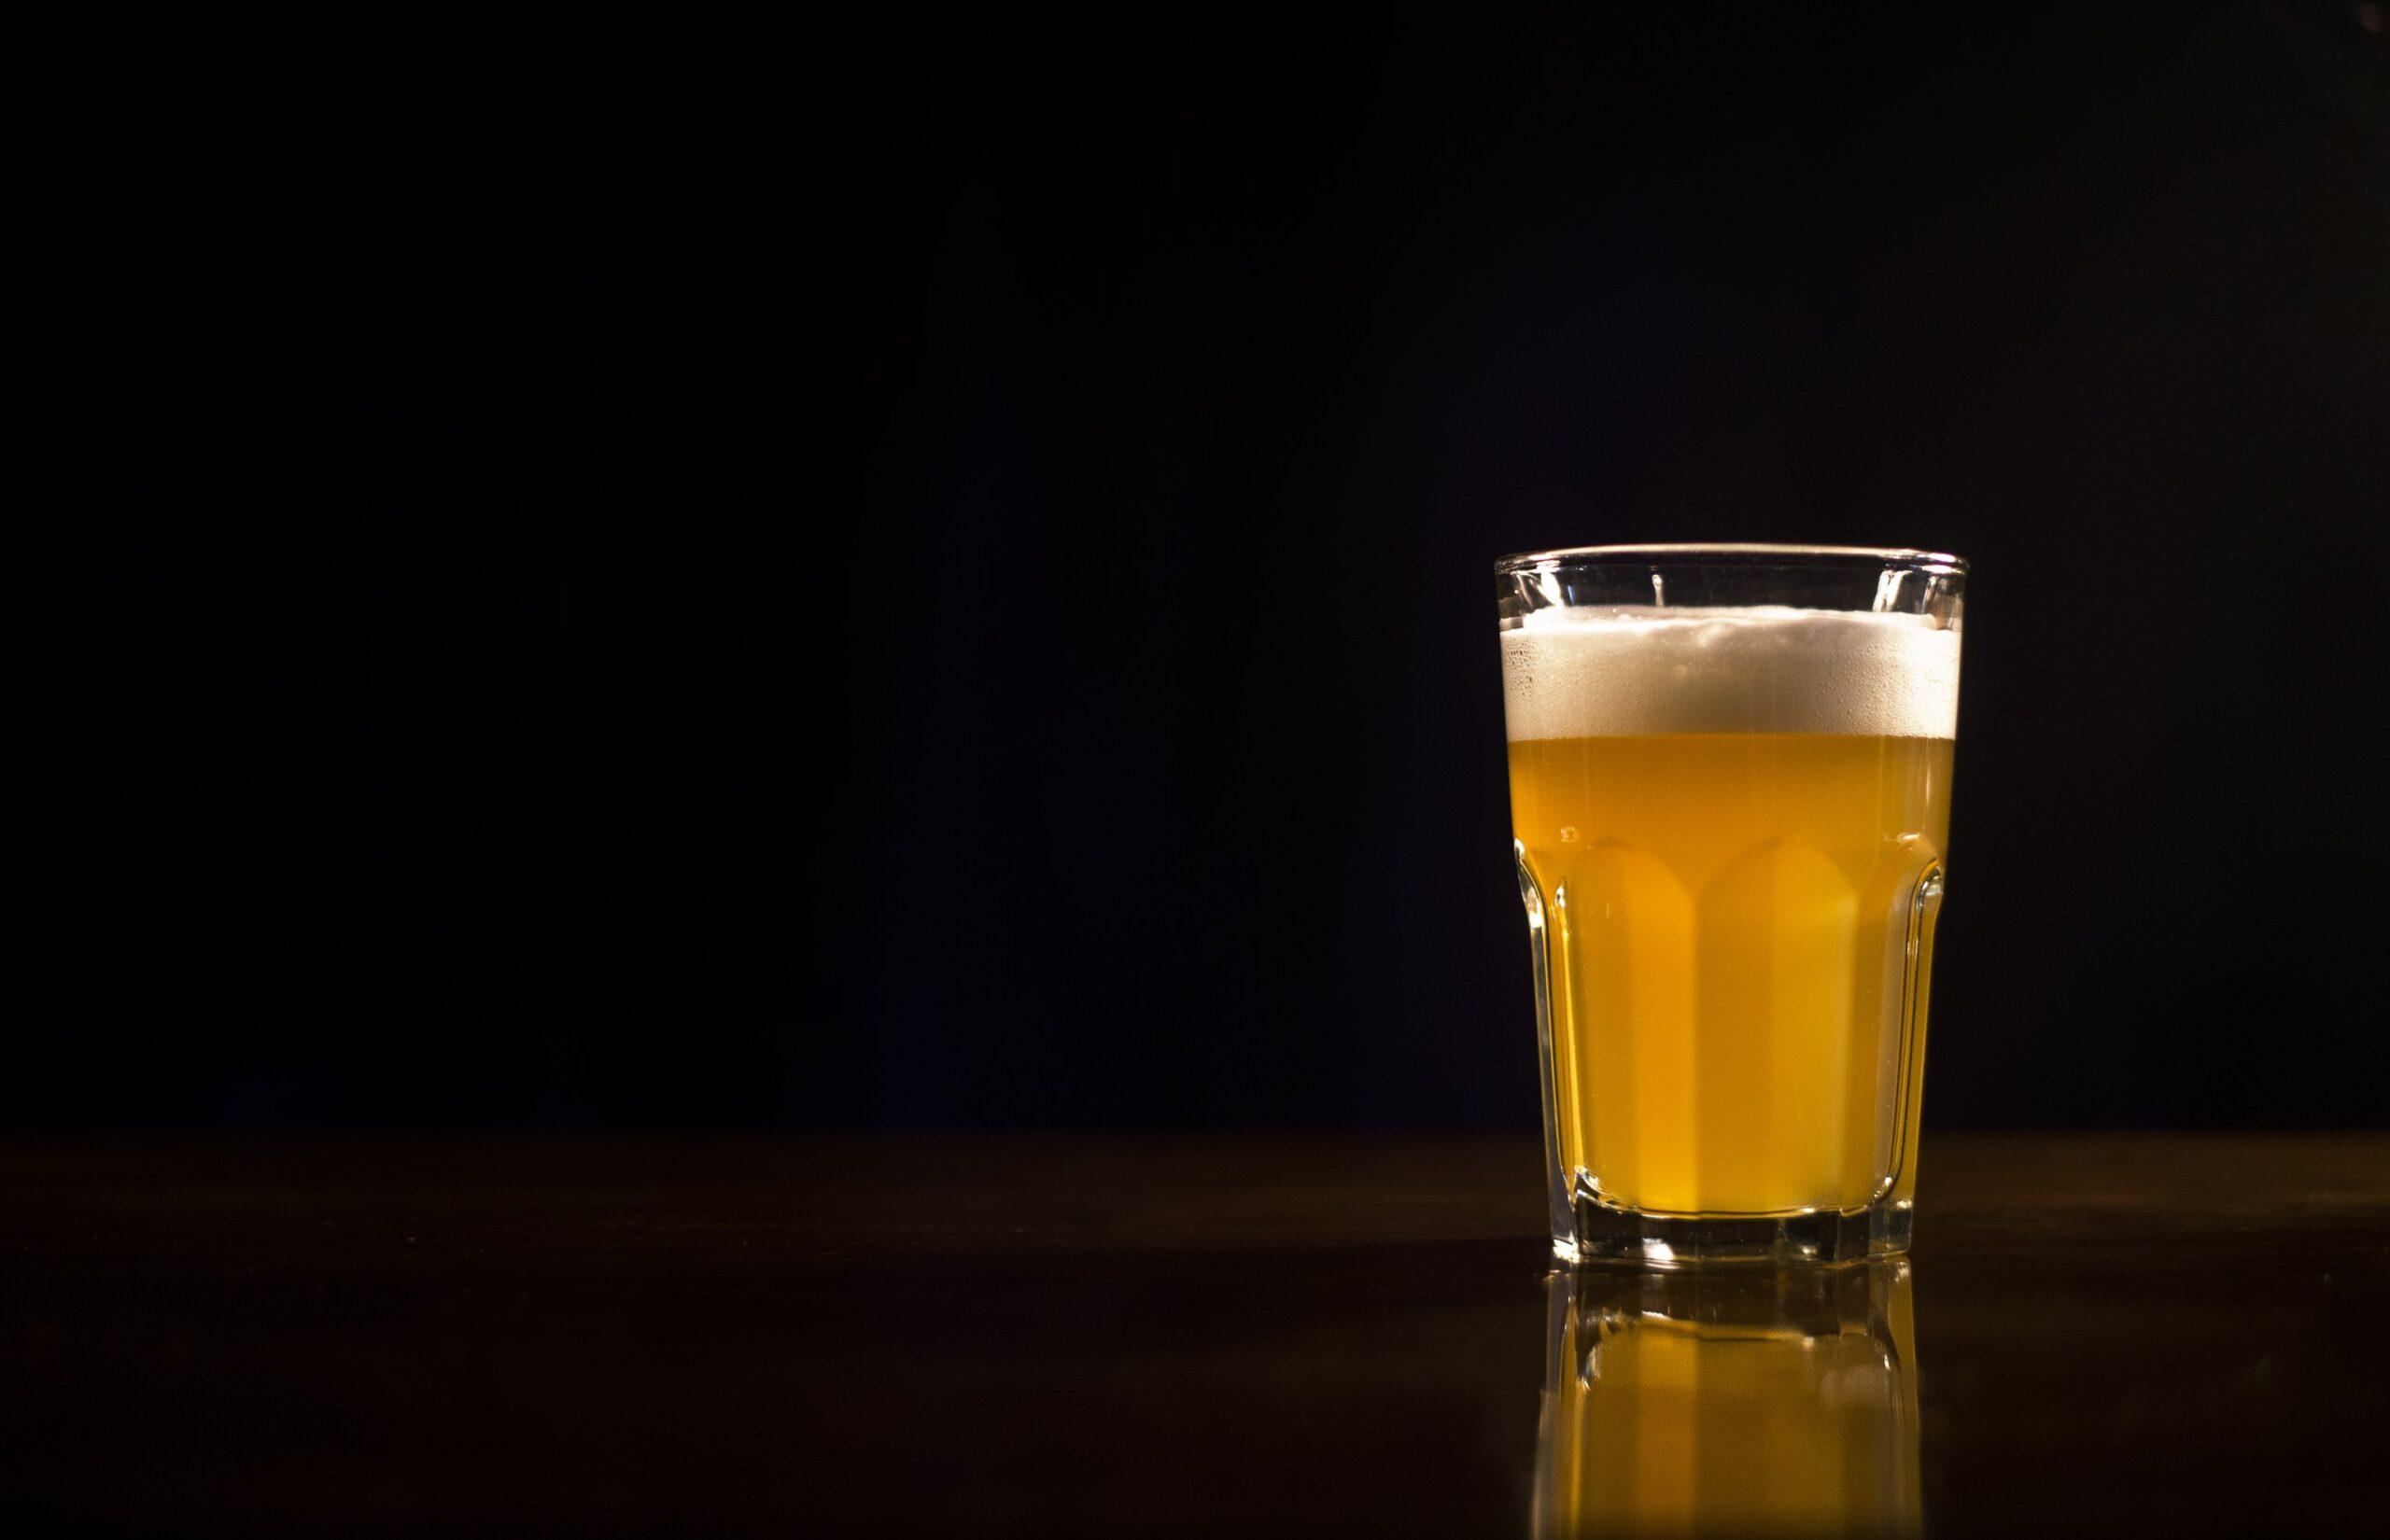 ビールグラスの画像